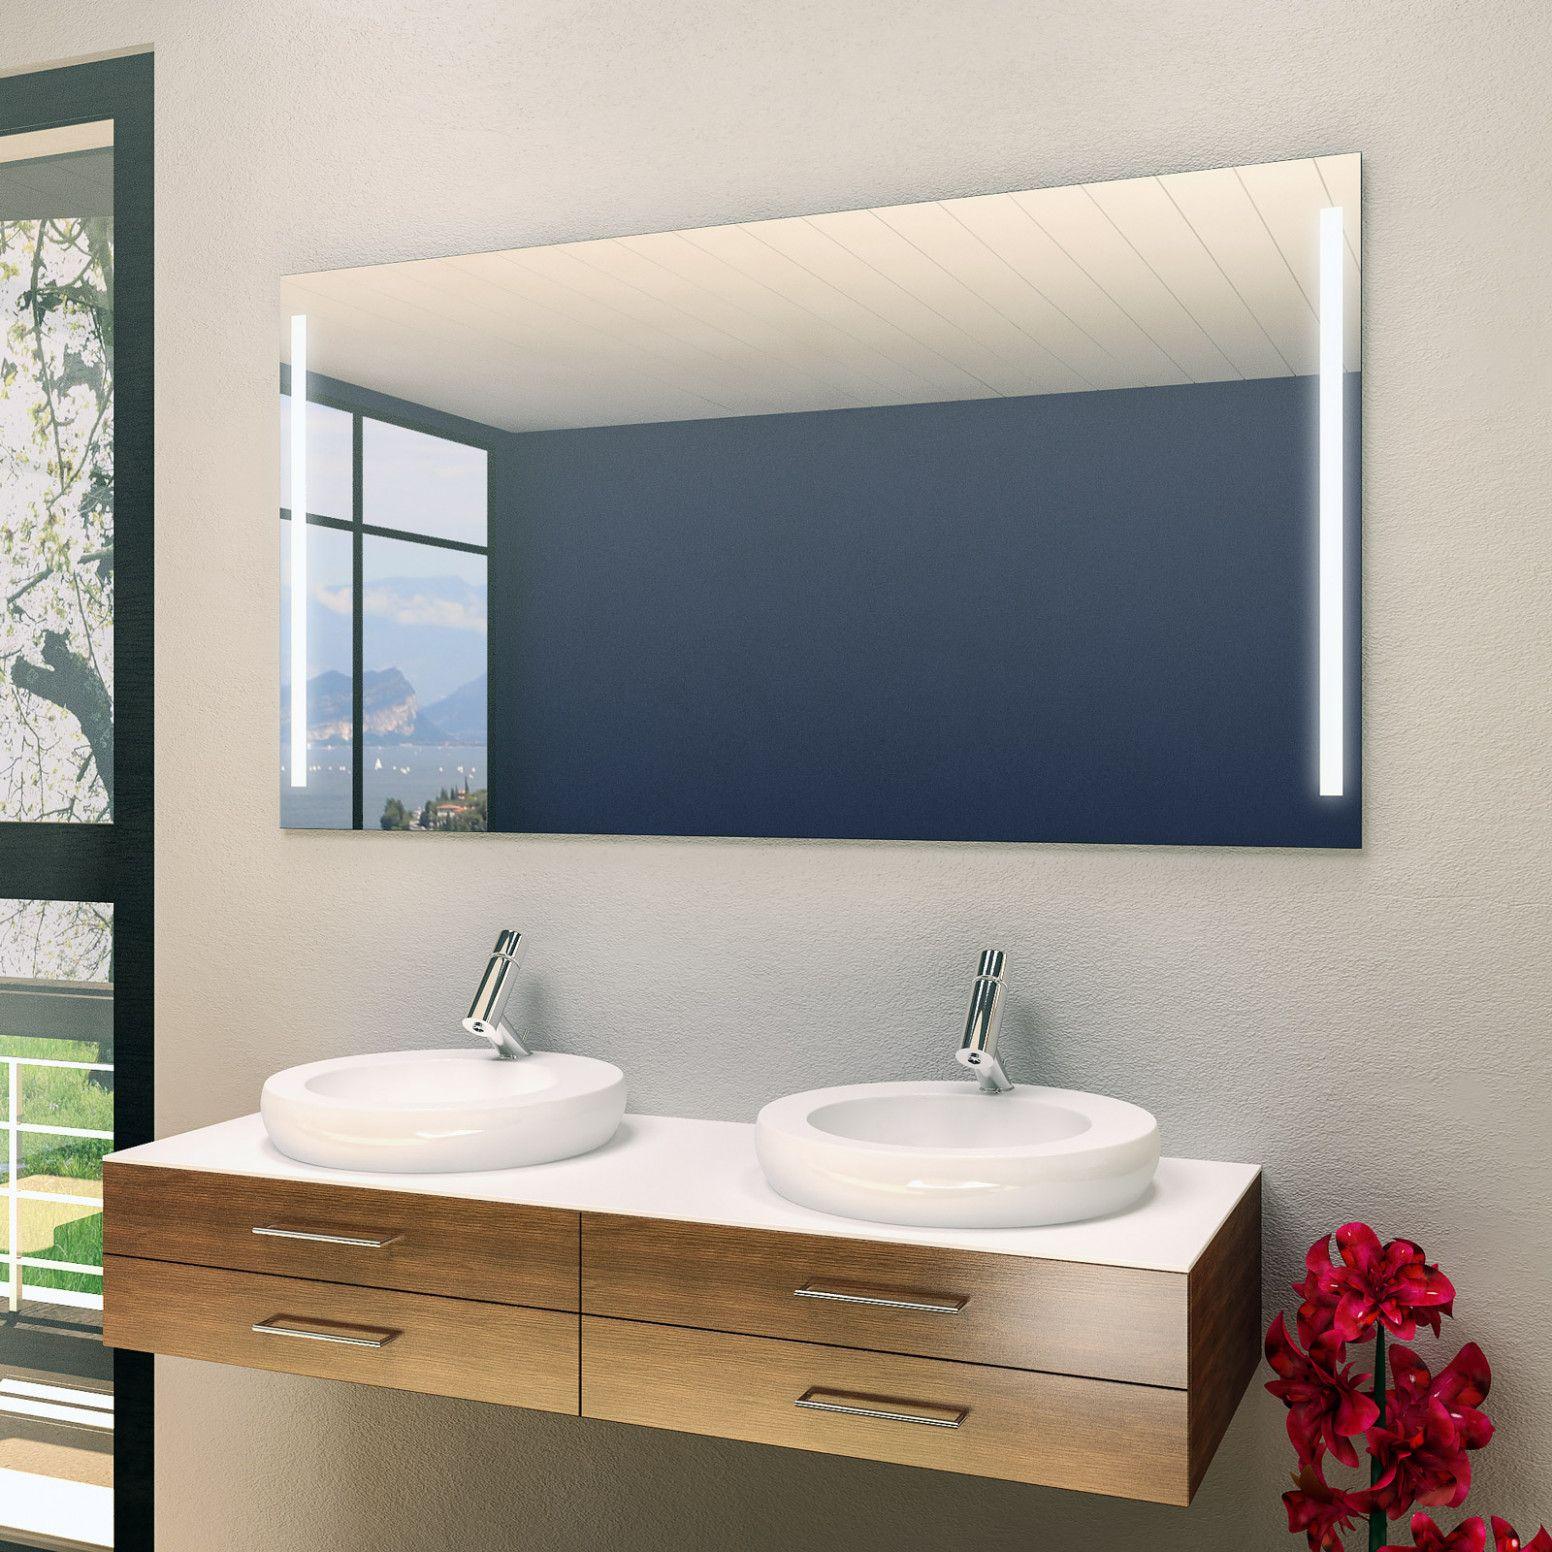 13 Rechte Spiegel Der Nicht Beschlagt In 2020 Badezimmerspiegel Badezimmerspiegel Beleuchtet Grosse Badezimmer